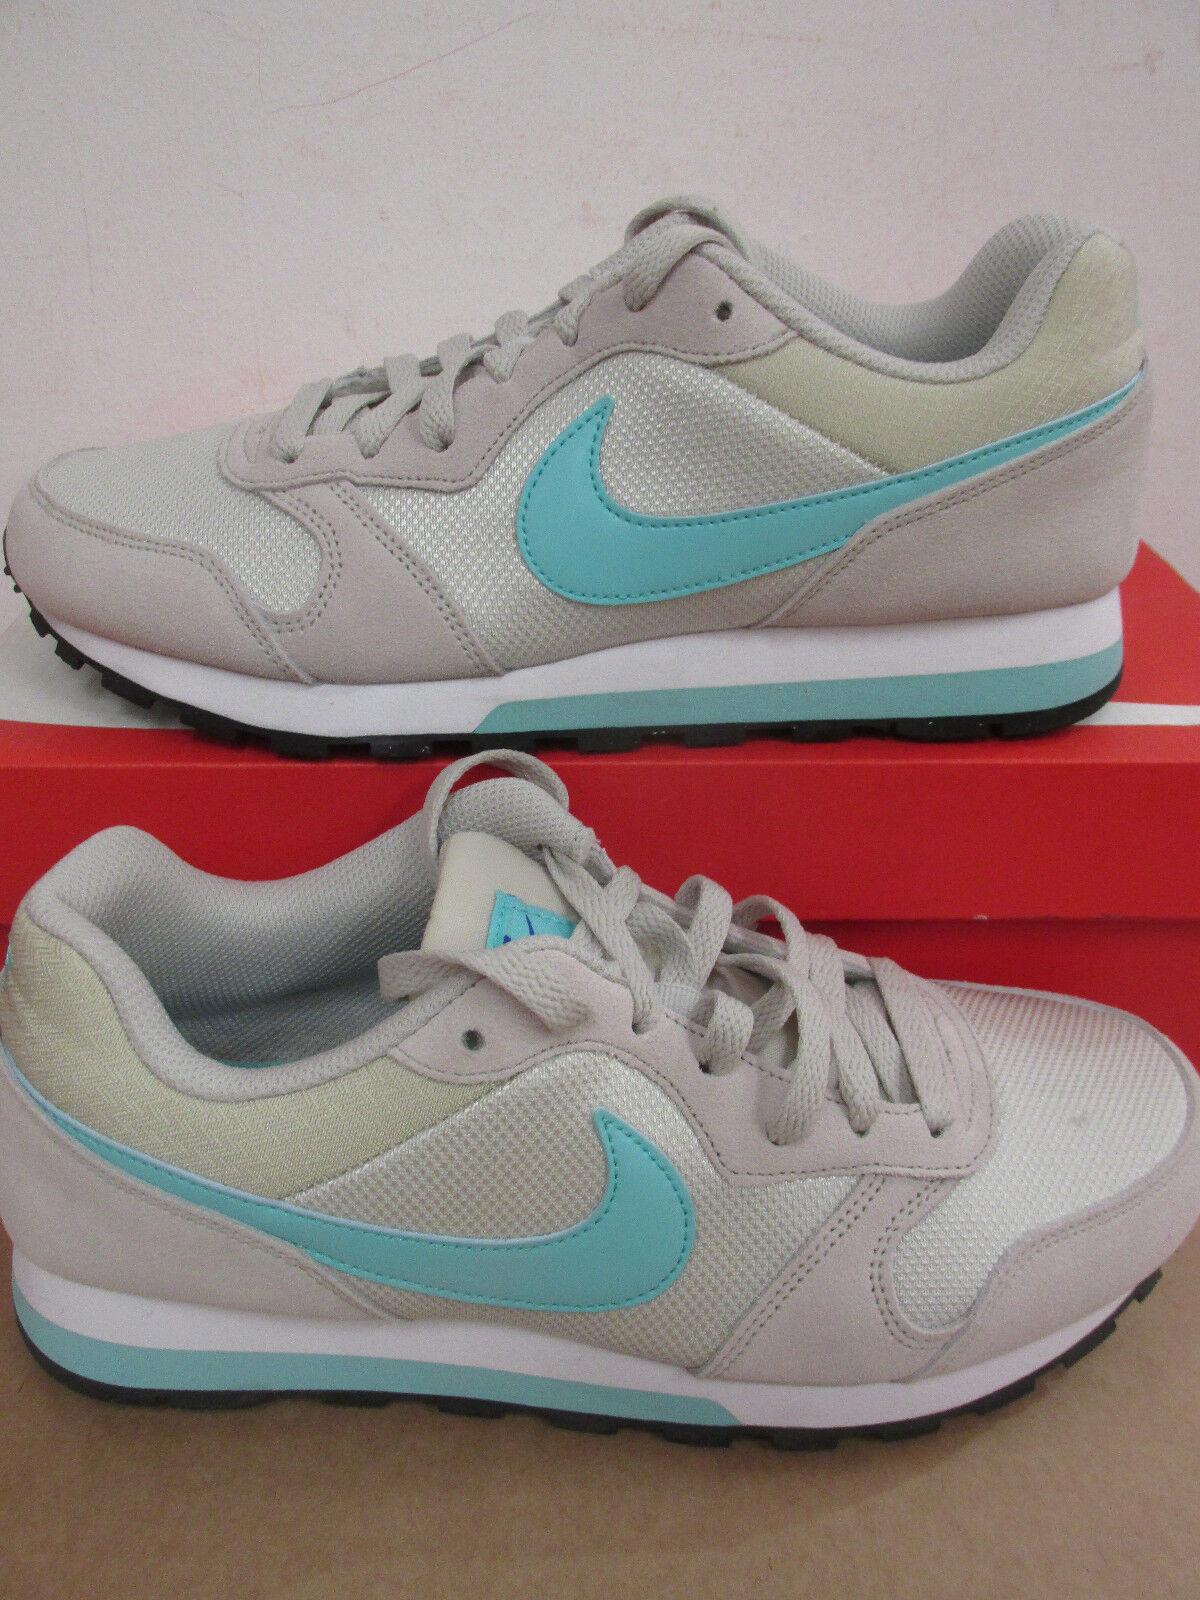 Nike MD RUNNER 2 Da Donna Ginnastica 749869 034 UK 6 EU 40 US 8.5 Nuovo Scatola